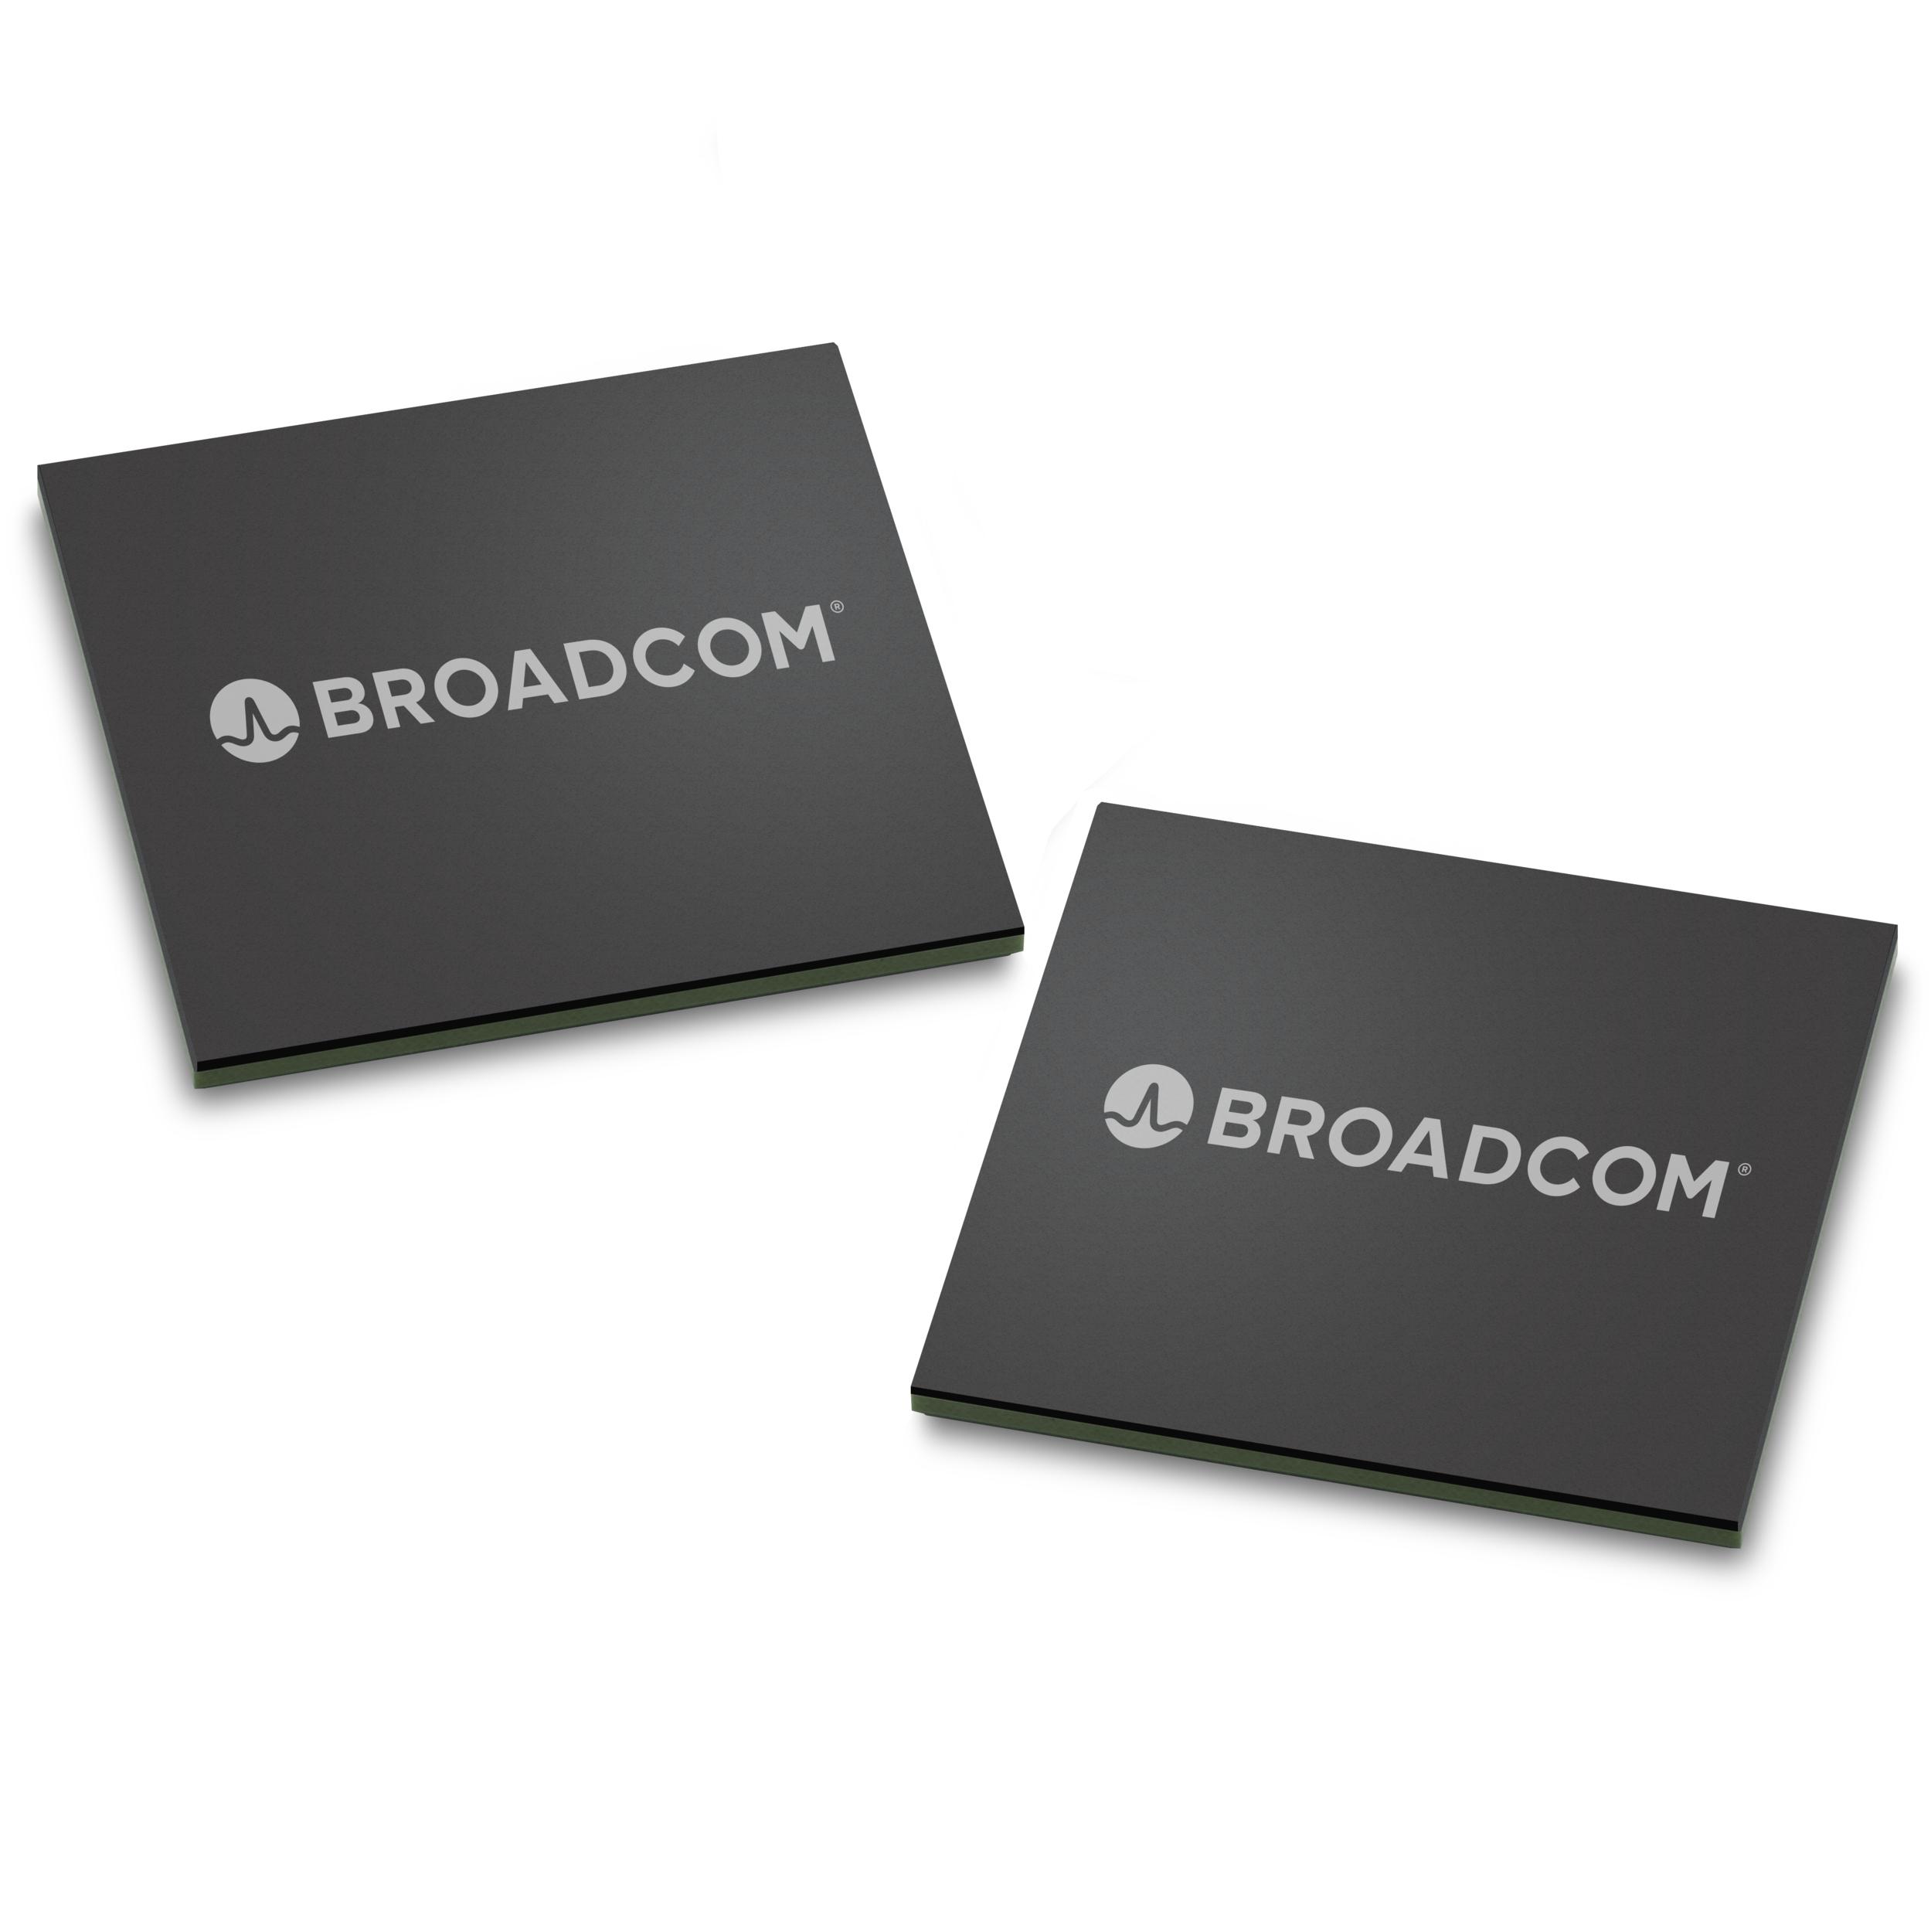 Generic BRCM Package 6 (2).jpeg